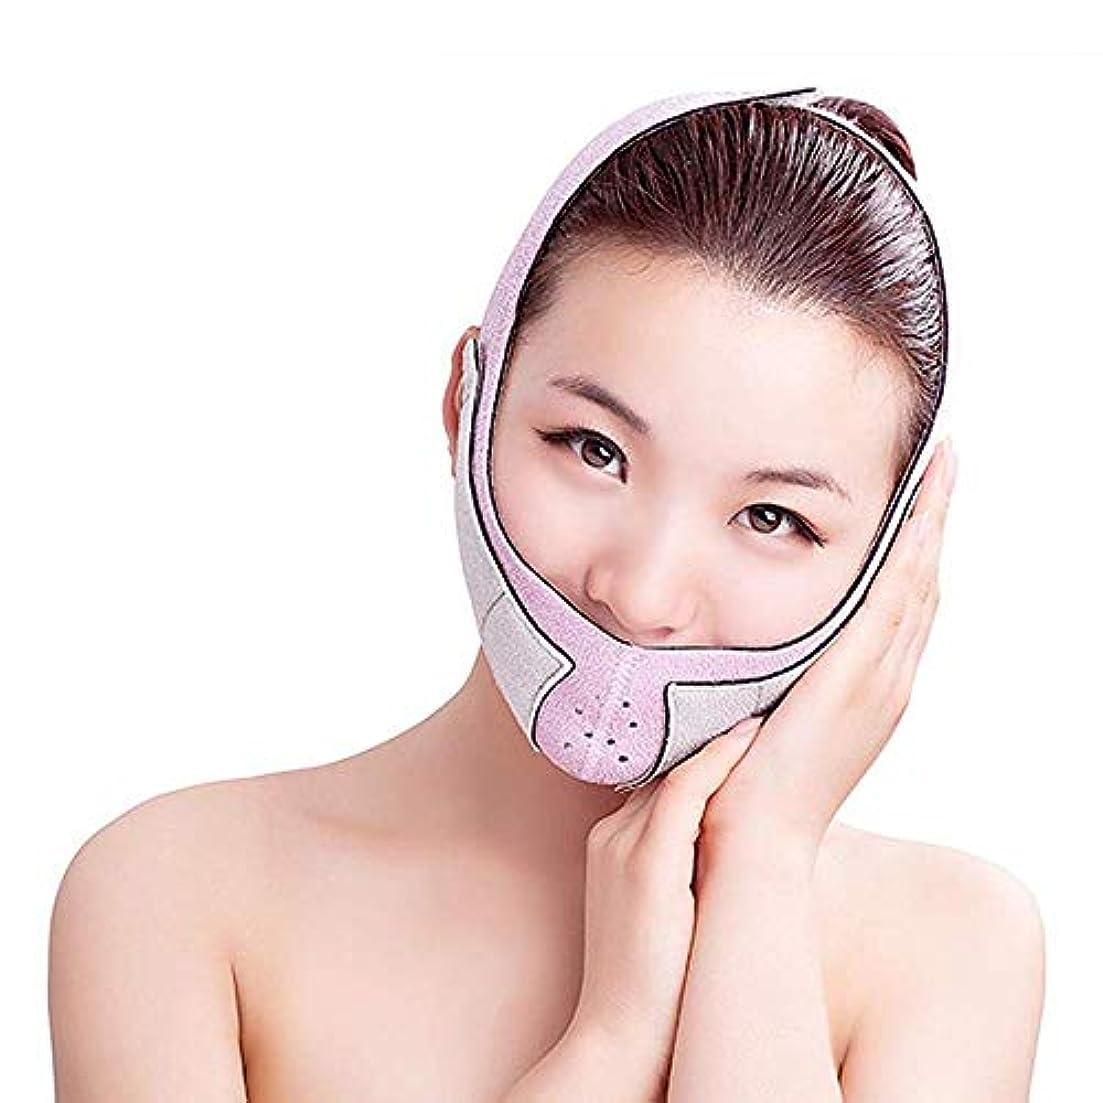 薄い顔ベルト薄い顔ベルト通気性の補正3D薄い顔V顔ベルト包帯薄い顔アーティファクト (色 : B)